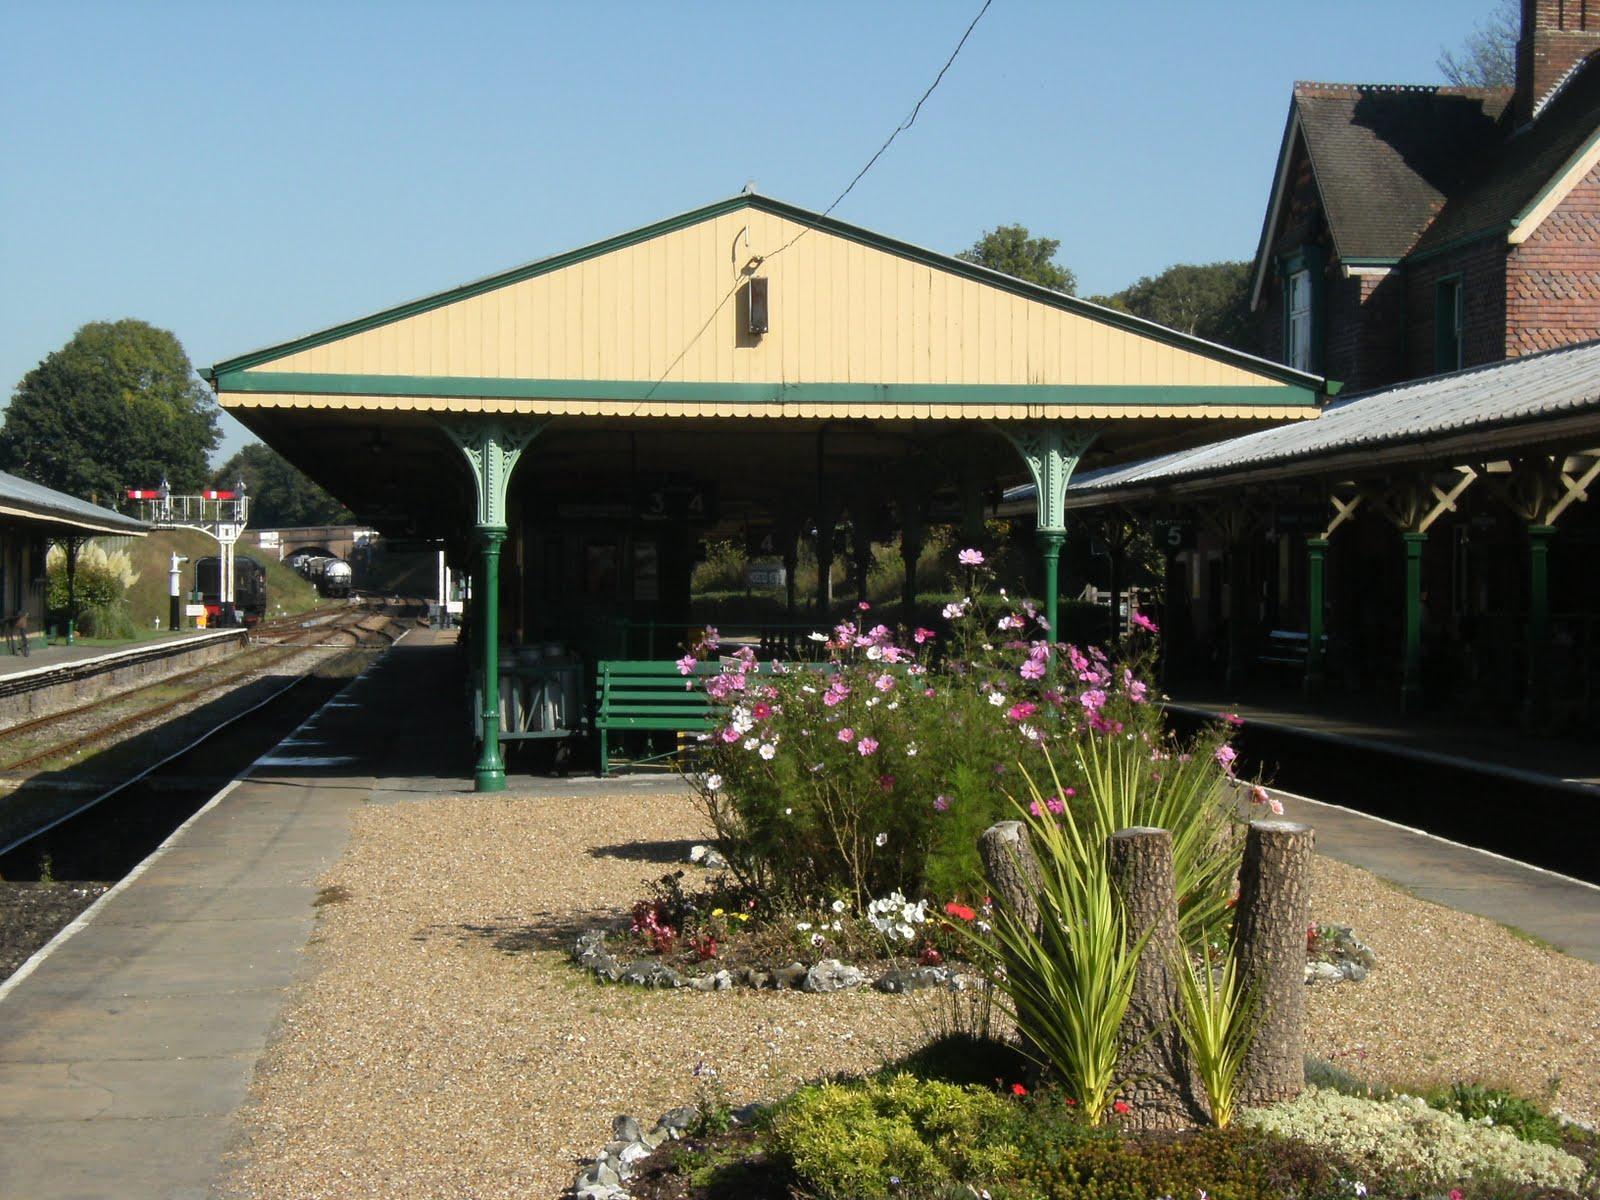 DSCF9732 Platforms 3&4, Horsted Keynes station